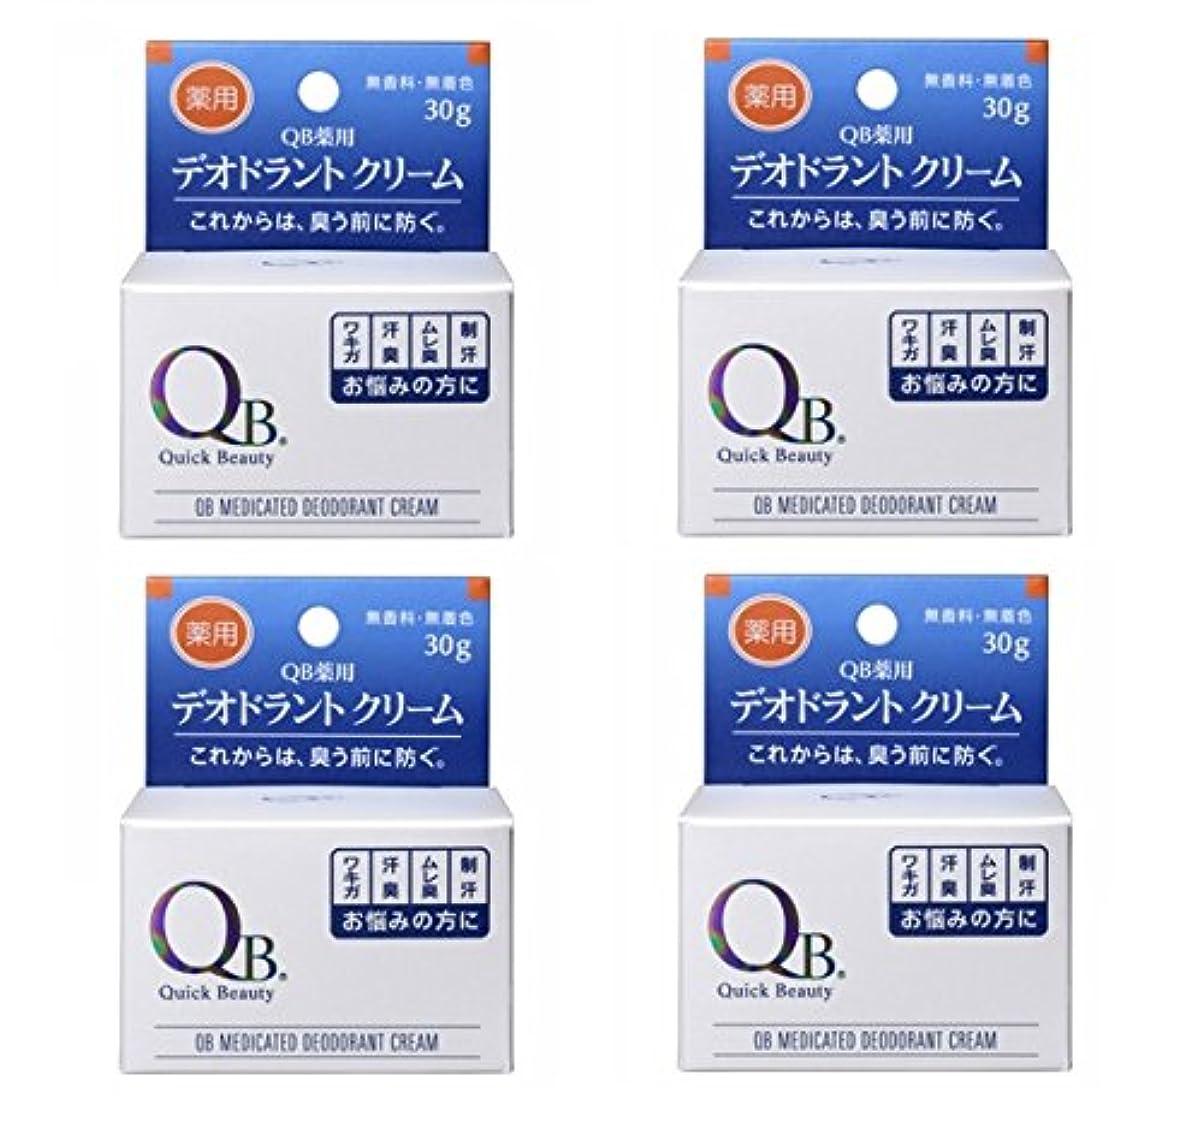 幻想的構成するピュー【×4個】 QB 薬用デオドラントクリーム 30g 【国内正規品】